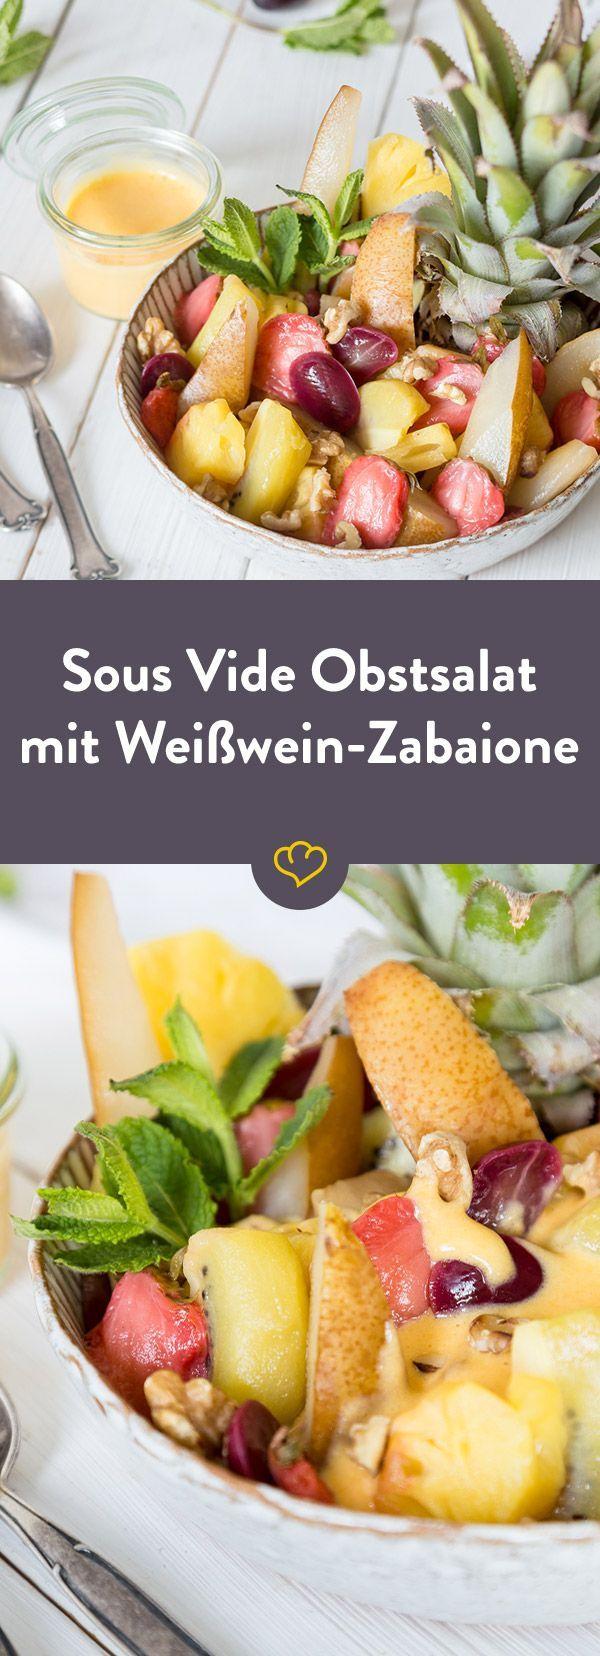 Mit einem Sous Vide gegarten Obstsalat schmeckst du Aromen, die du vorher noch nie in deinem Obst geschmeckt hast. Getoppt mit einer Weißwein Zabaione!